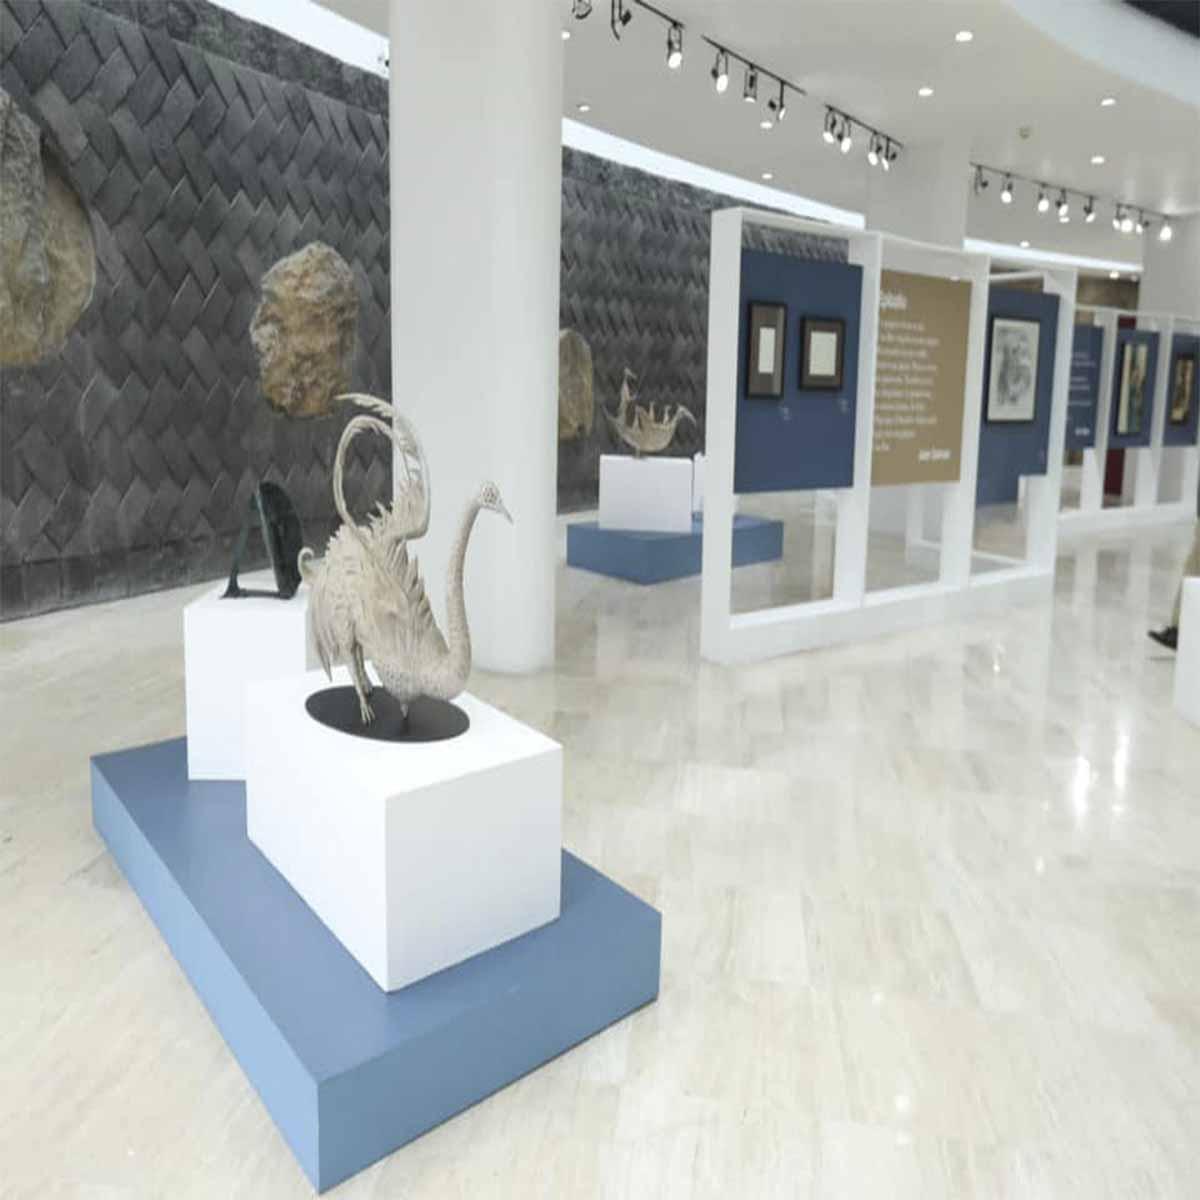 Inauguran exposición de obras artísticas en Toluca